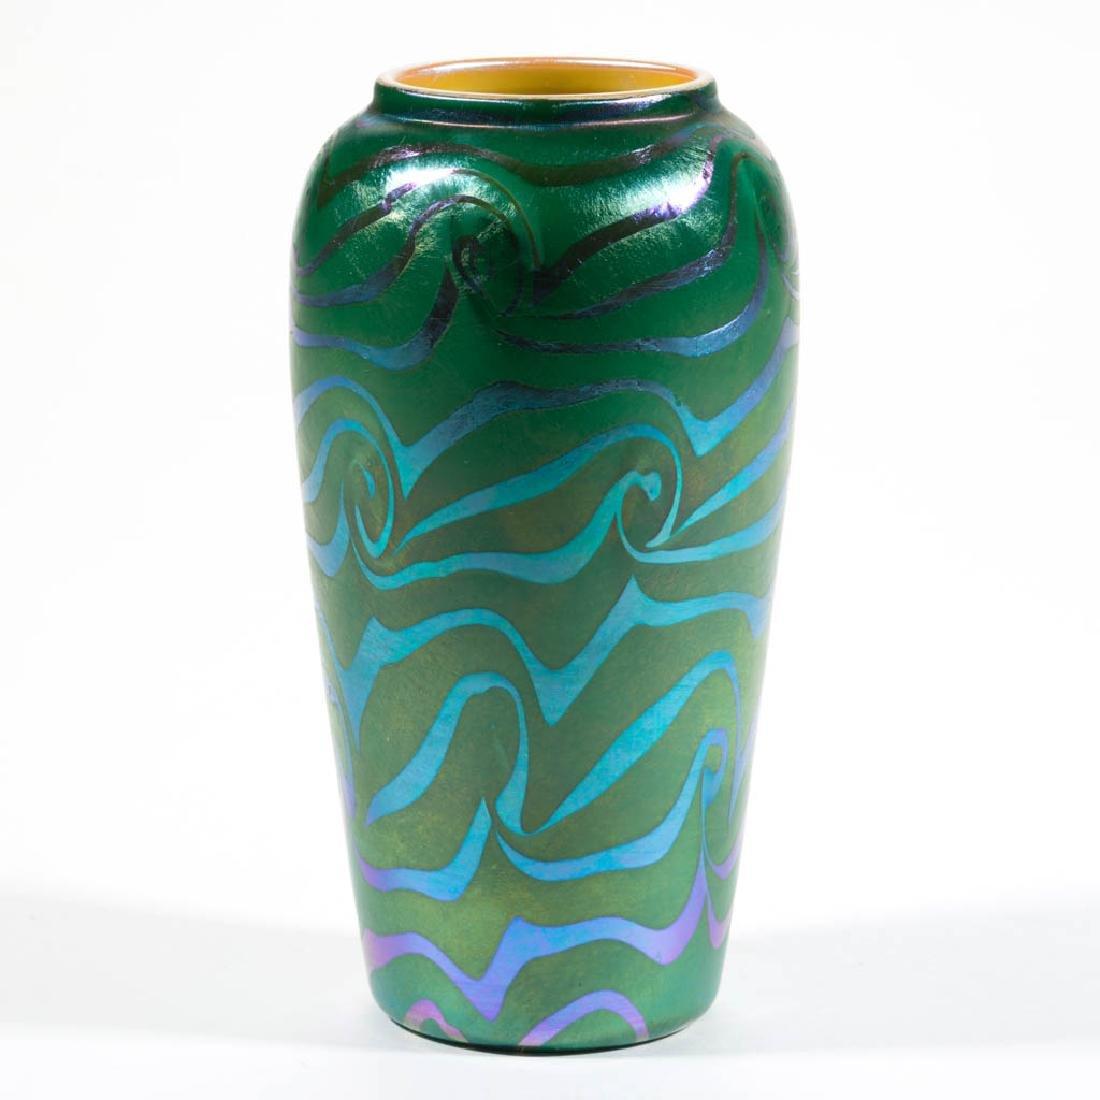 DURAND KING TUT ART GLASS VASE - 2